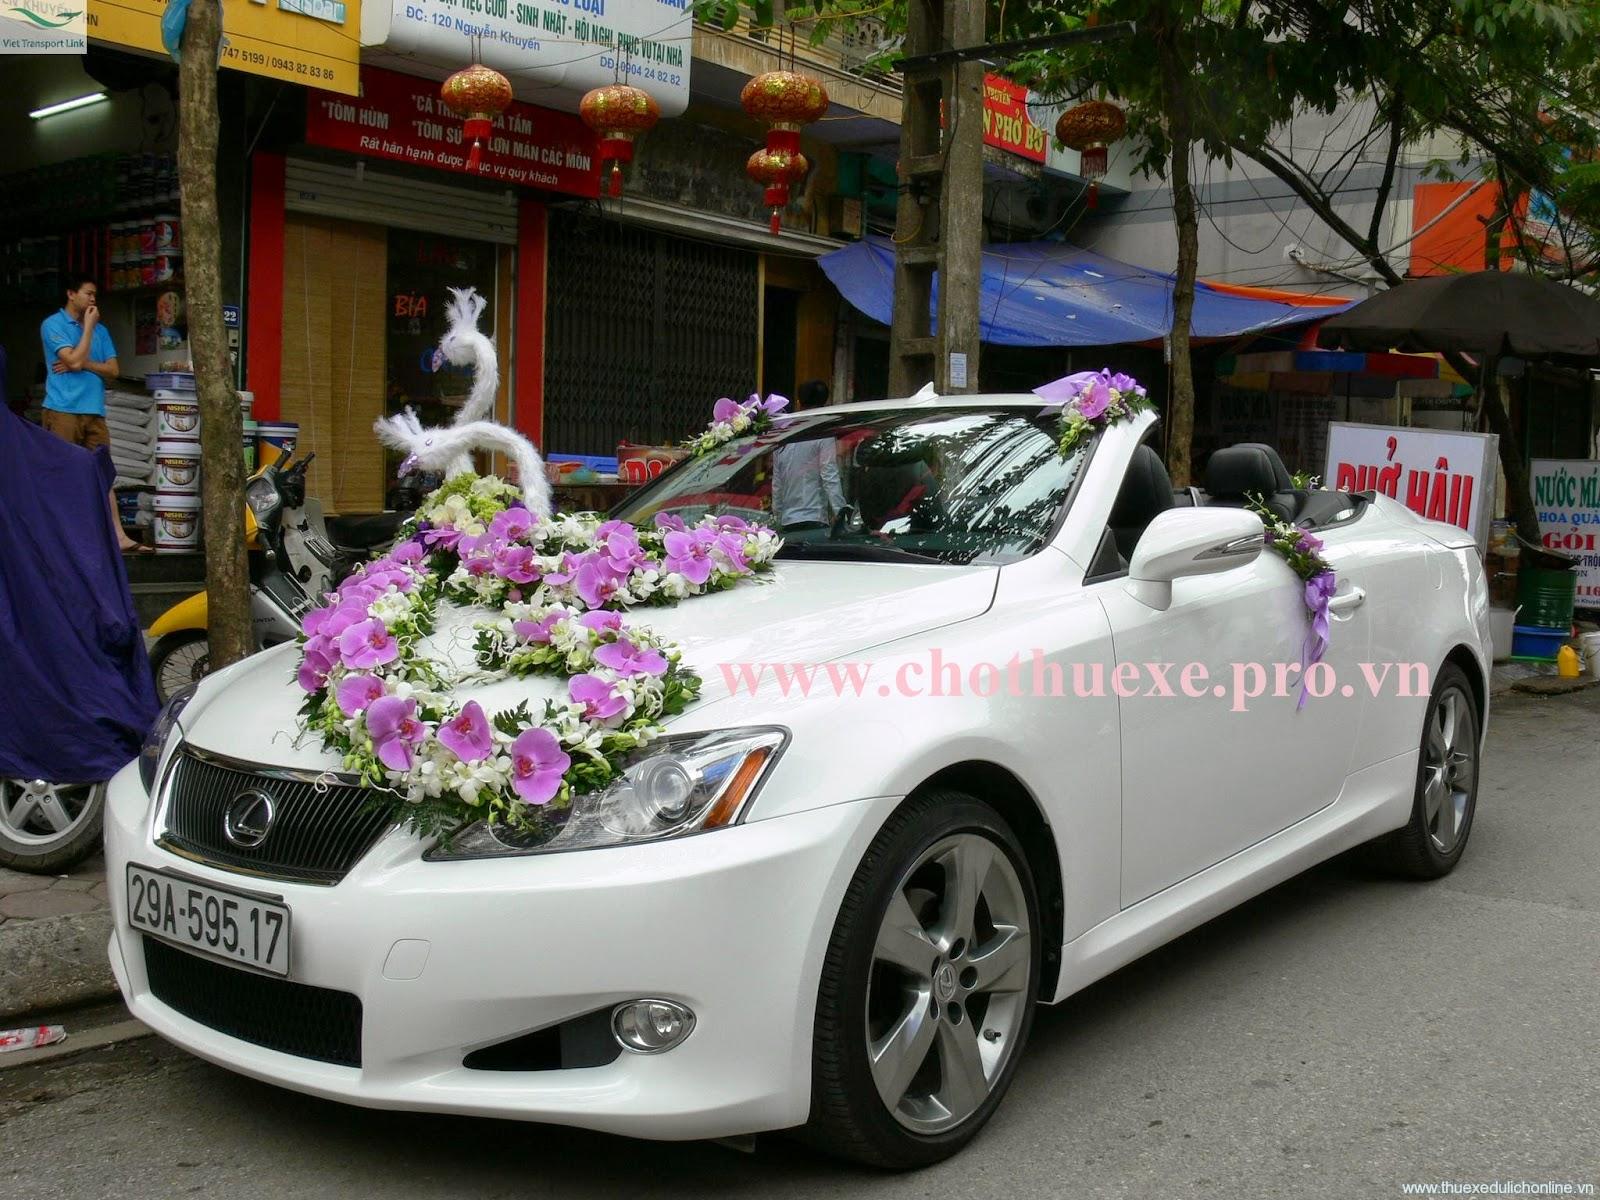 Cho thuê xe cưới Lexus IS250